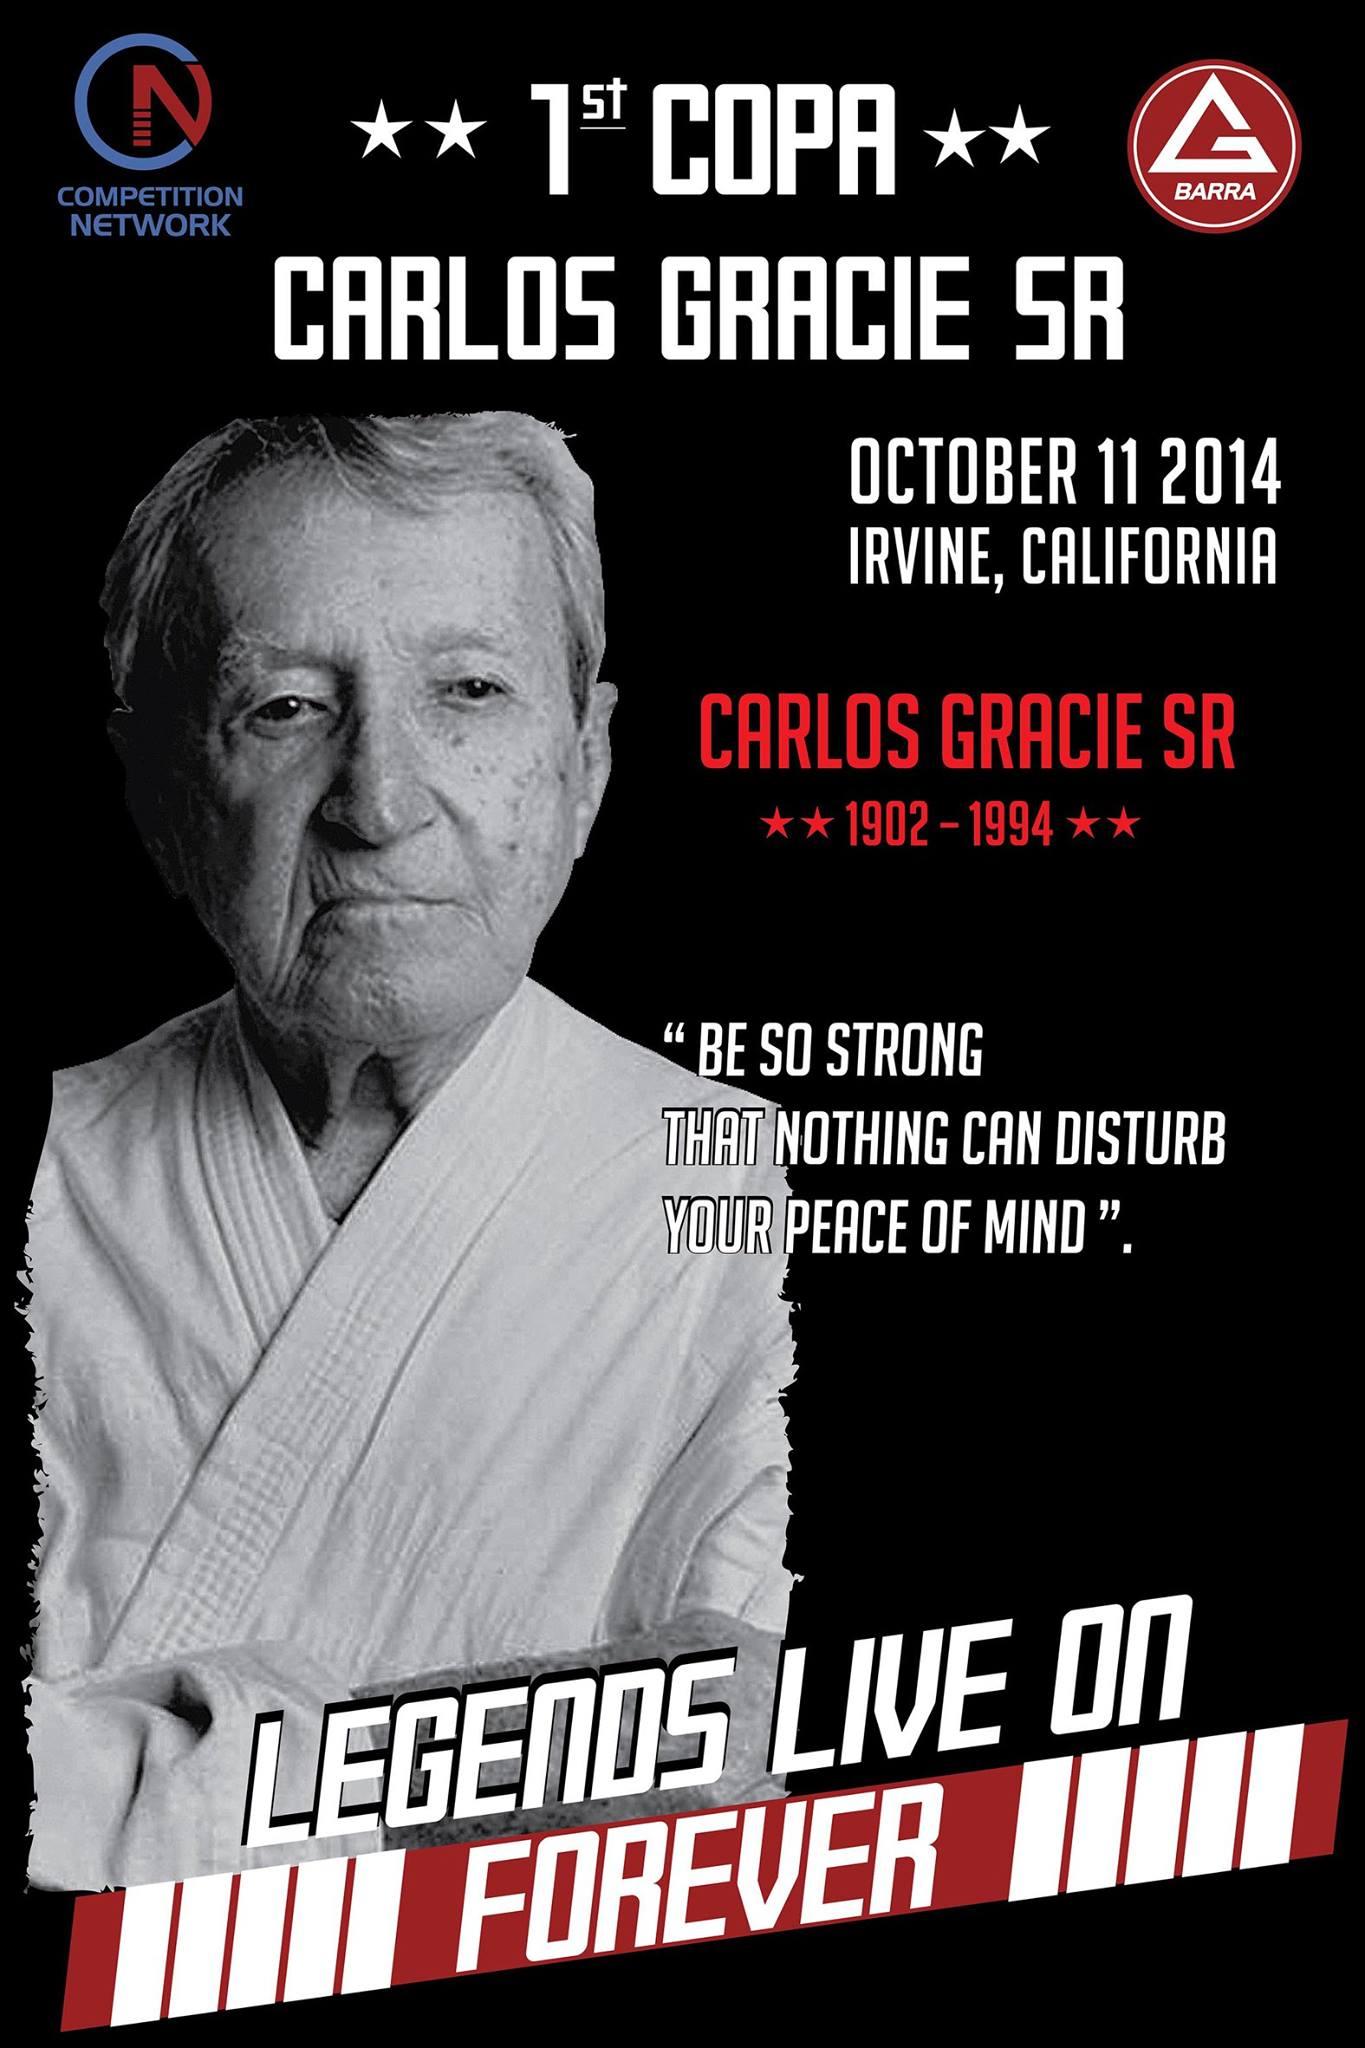 Copa Carlos Gracie Sr